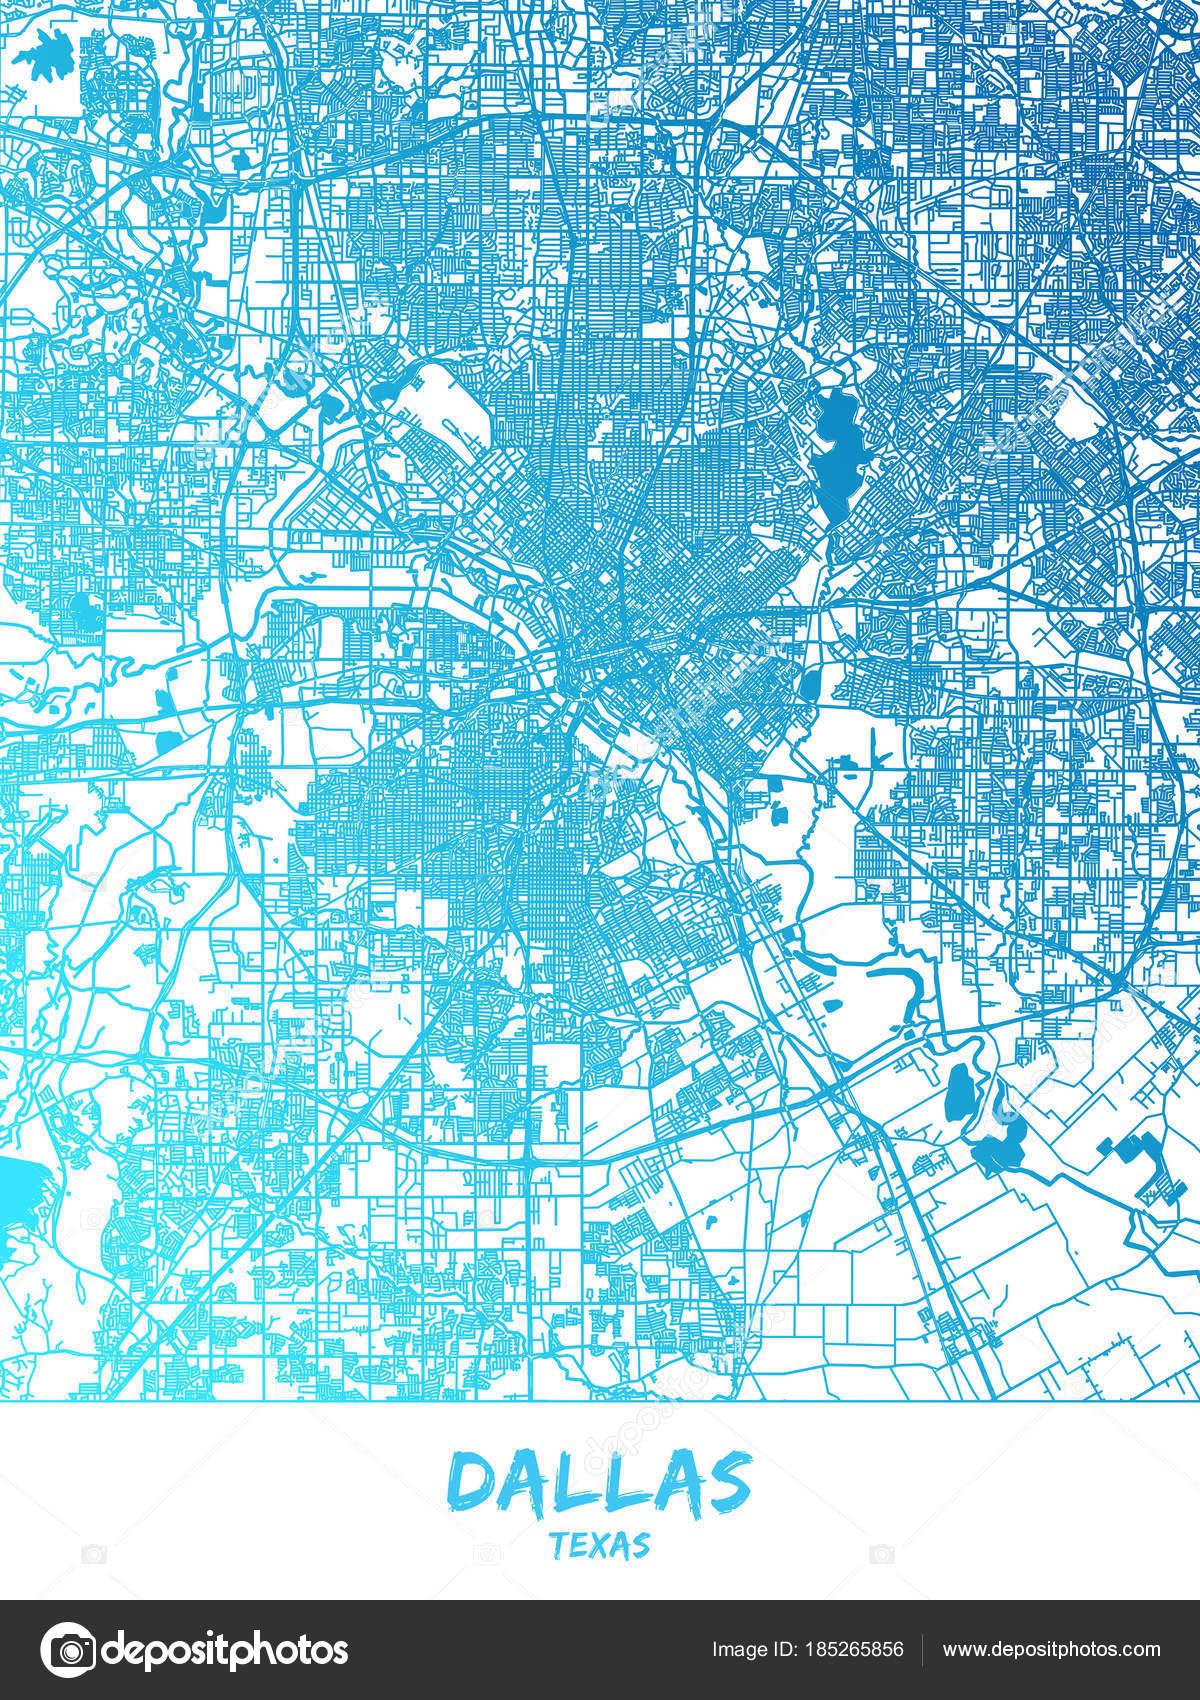 Dallas, Texas - mapa de diseño de cartel — Archivo Imágenes ...